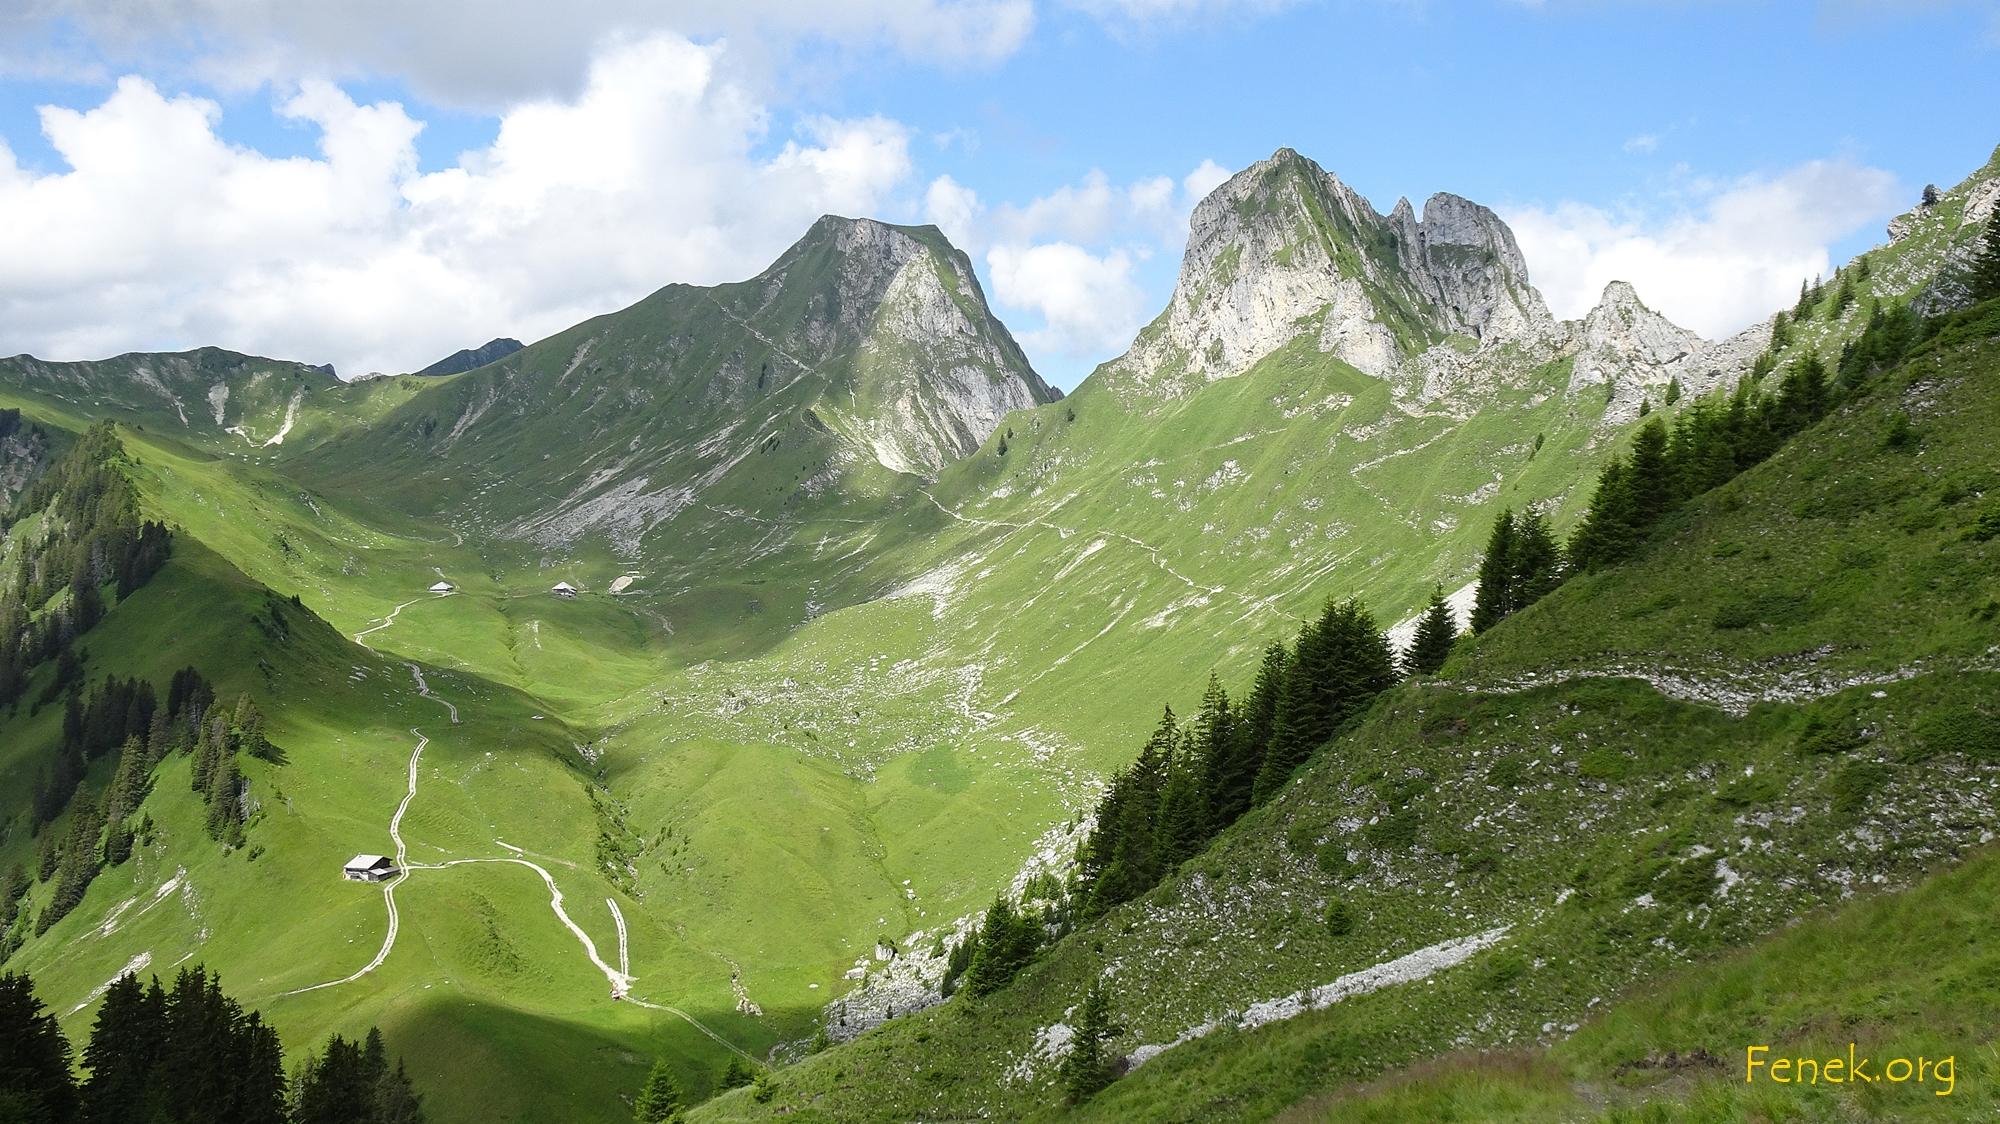 Gantrisch und Nünenen - die beider Stars der Gegend